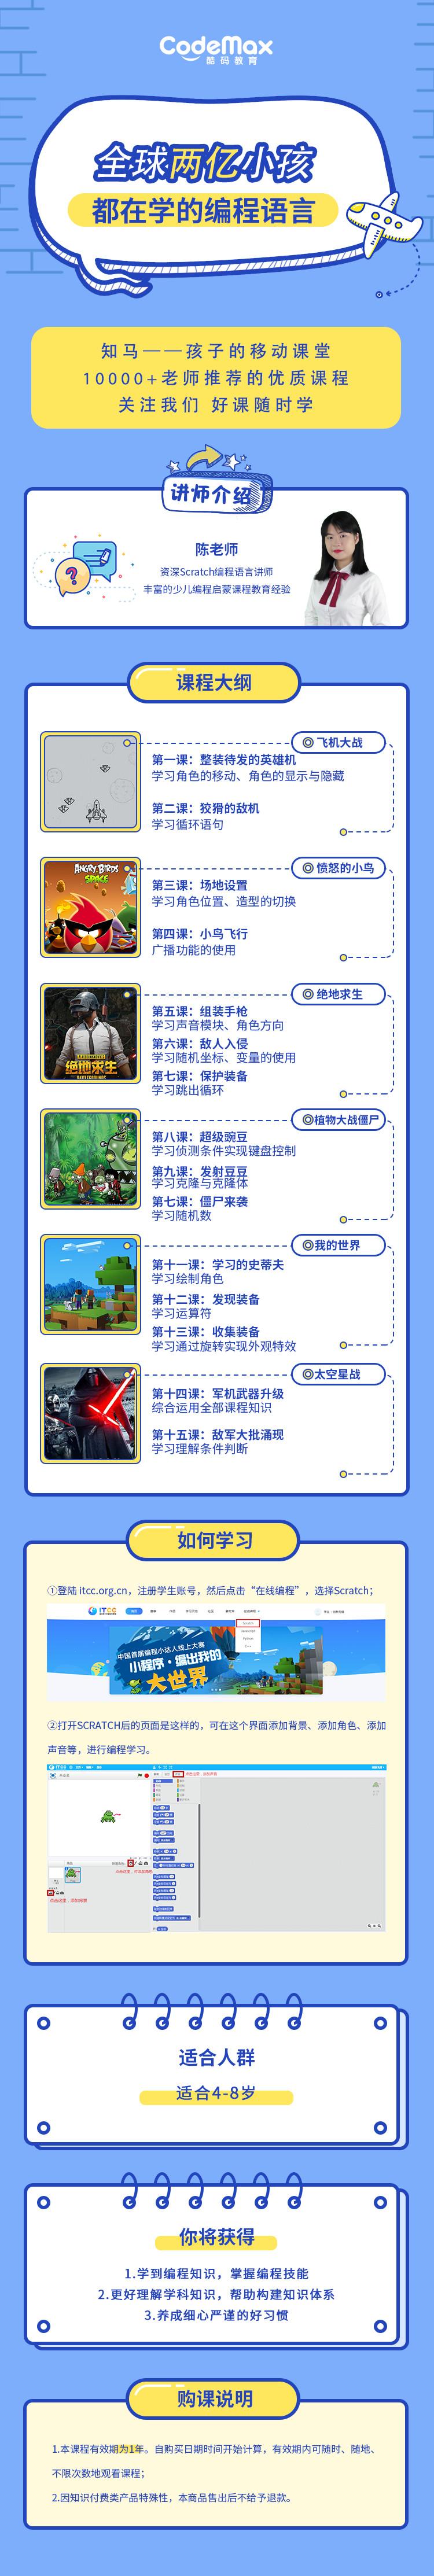 课程长图 (2).jpg